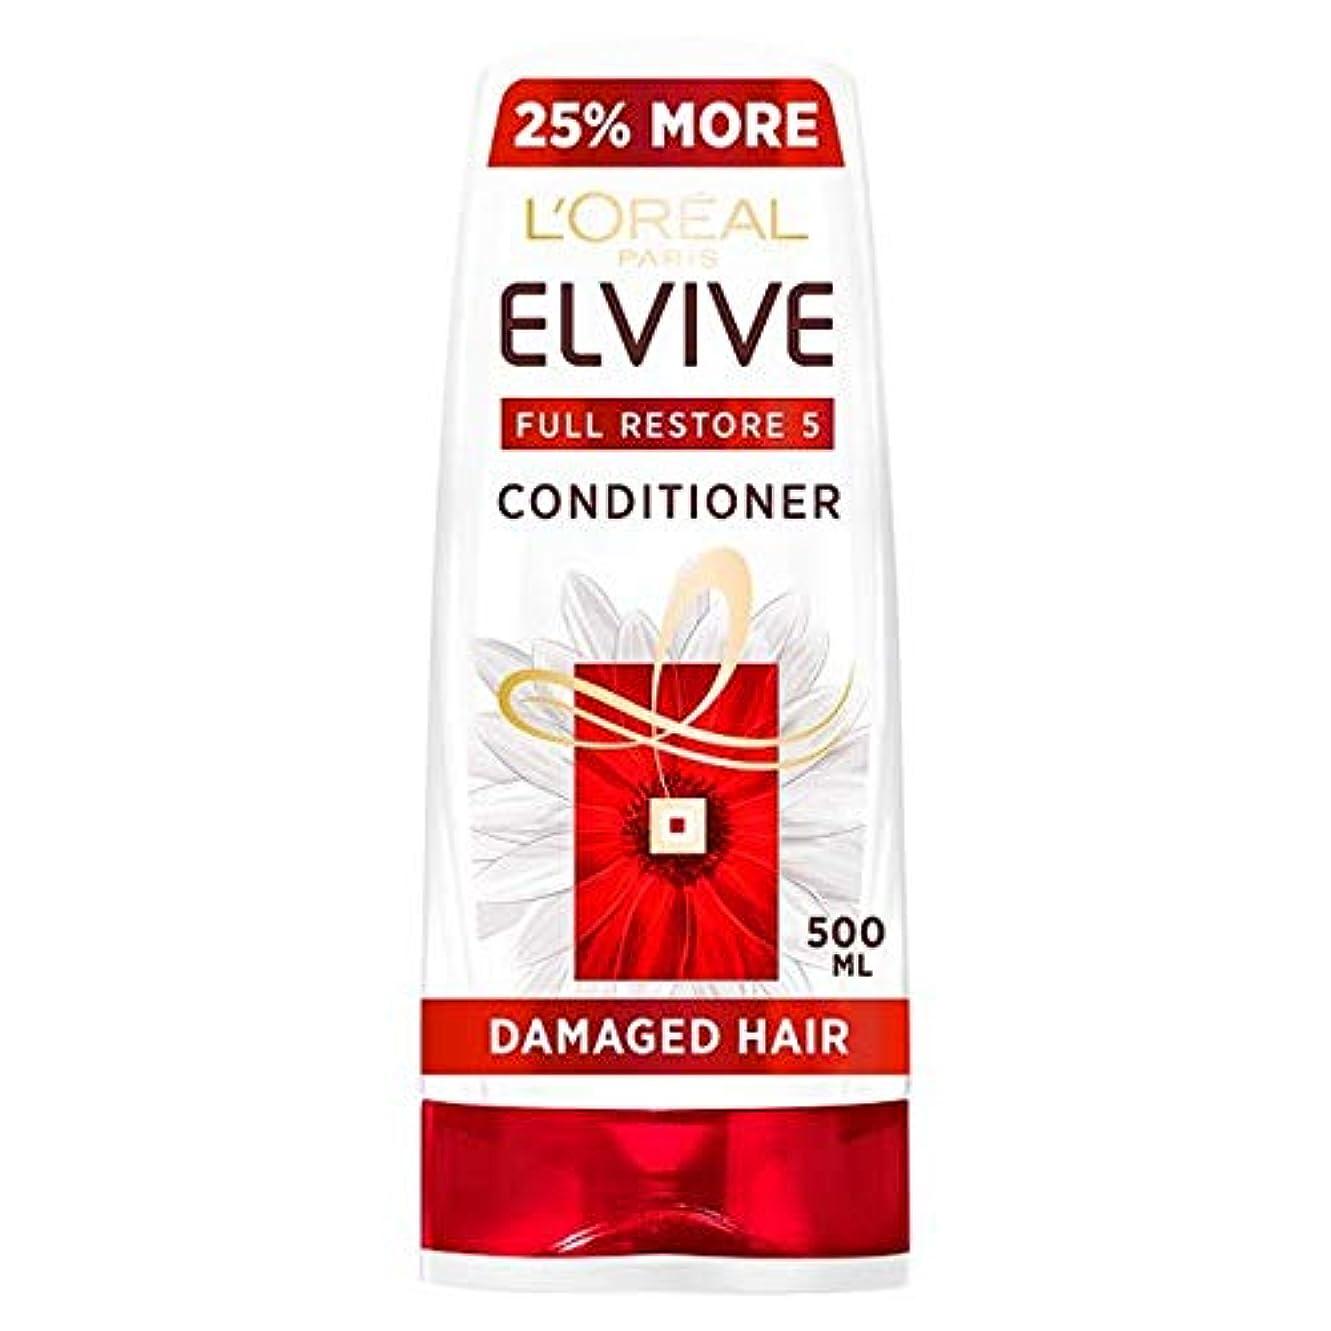 色合い王子中央[Elvive] ロレアルElvive極度のダメージヘアコンディショナー500ミリリットル - L'oreal Elvive Extreme Damaged Hair Conditioner 500Ml [並行輸入品]